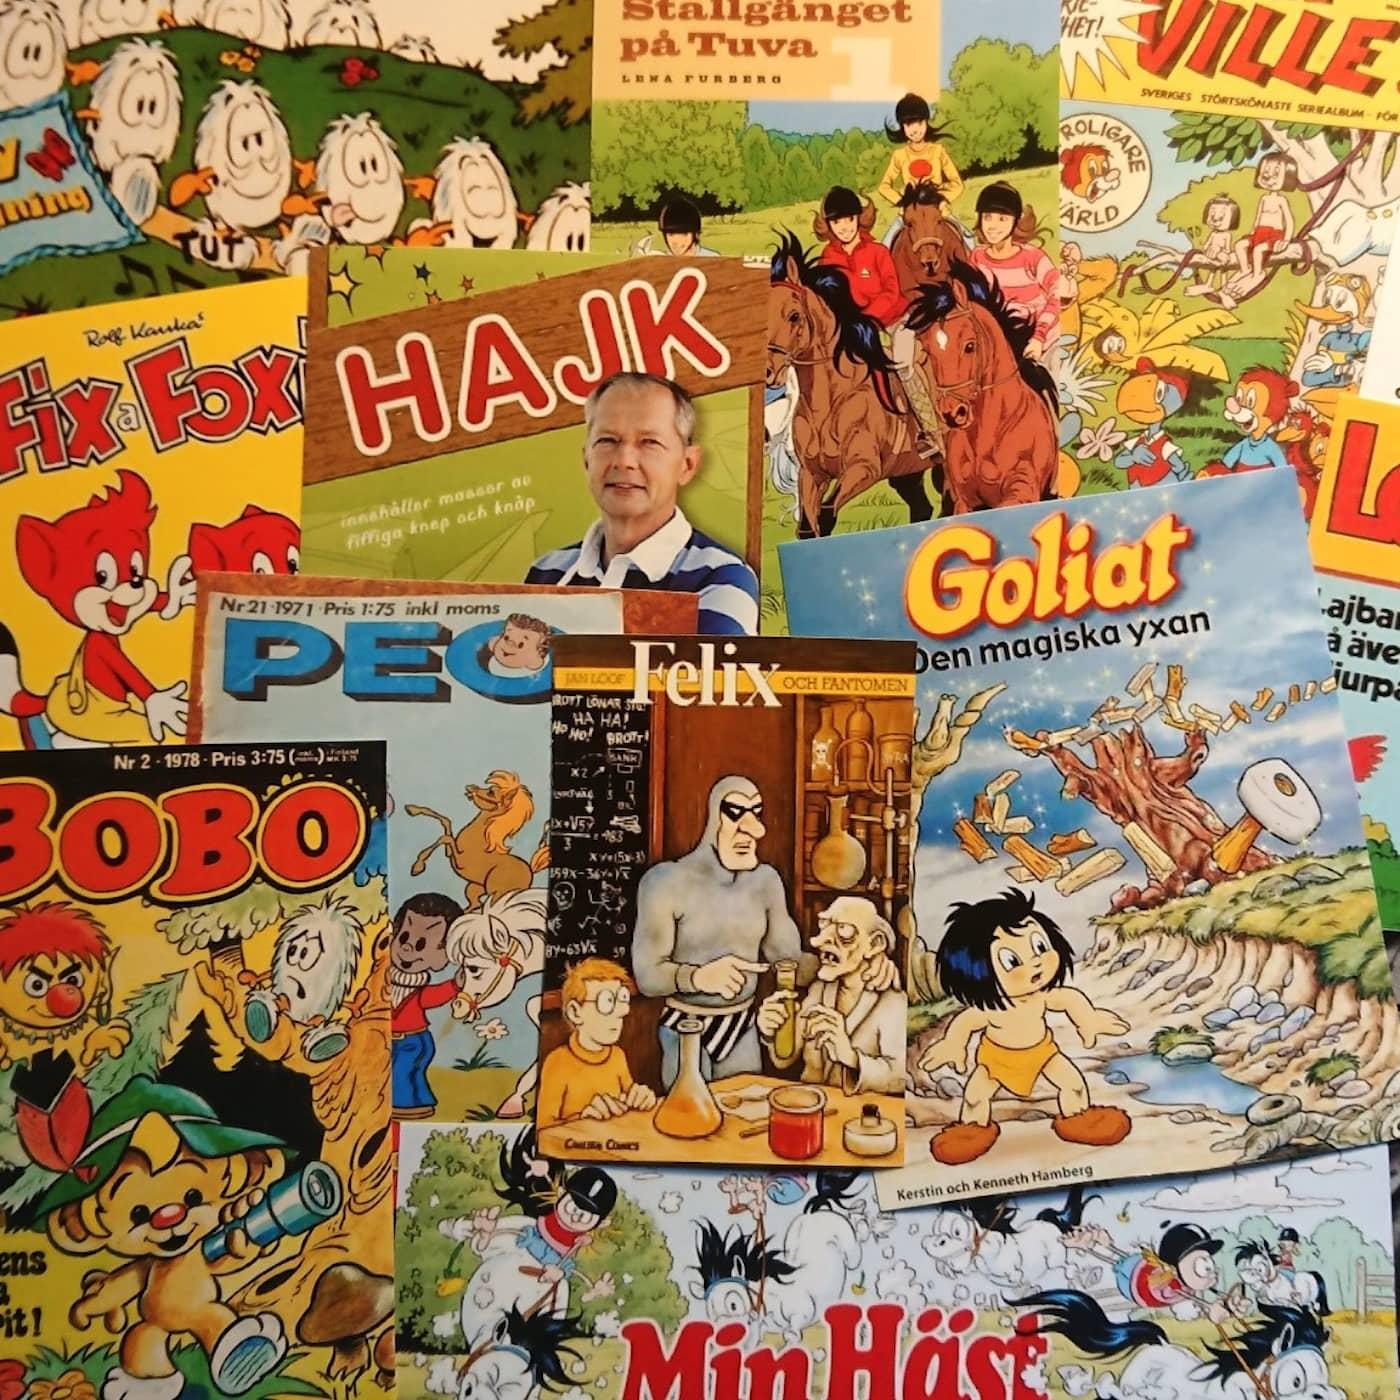 Om svenskproducerade barnserietidningar 1